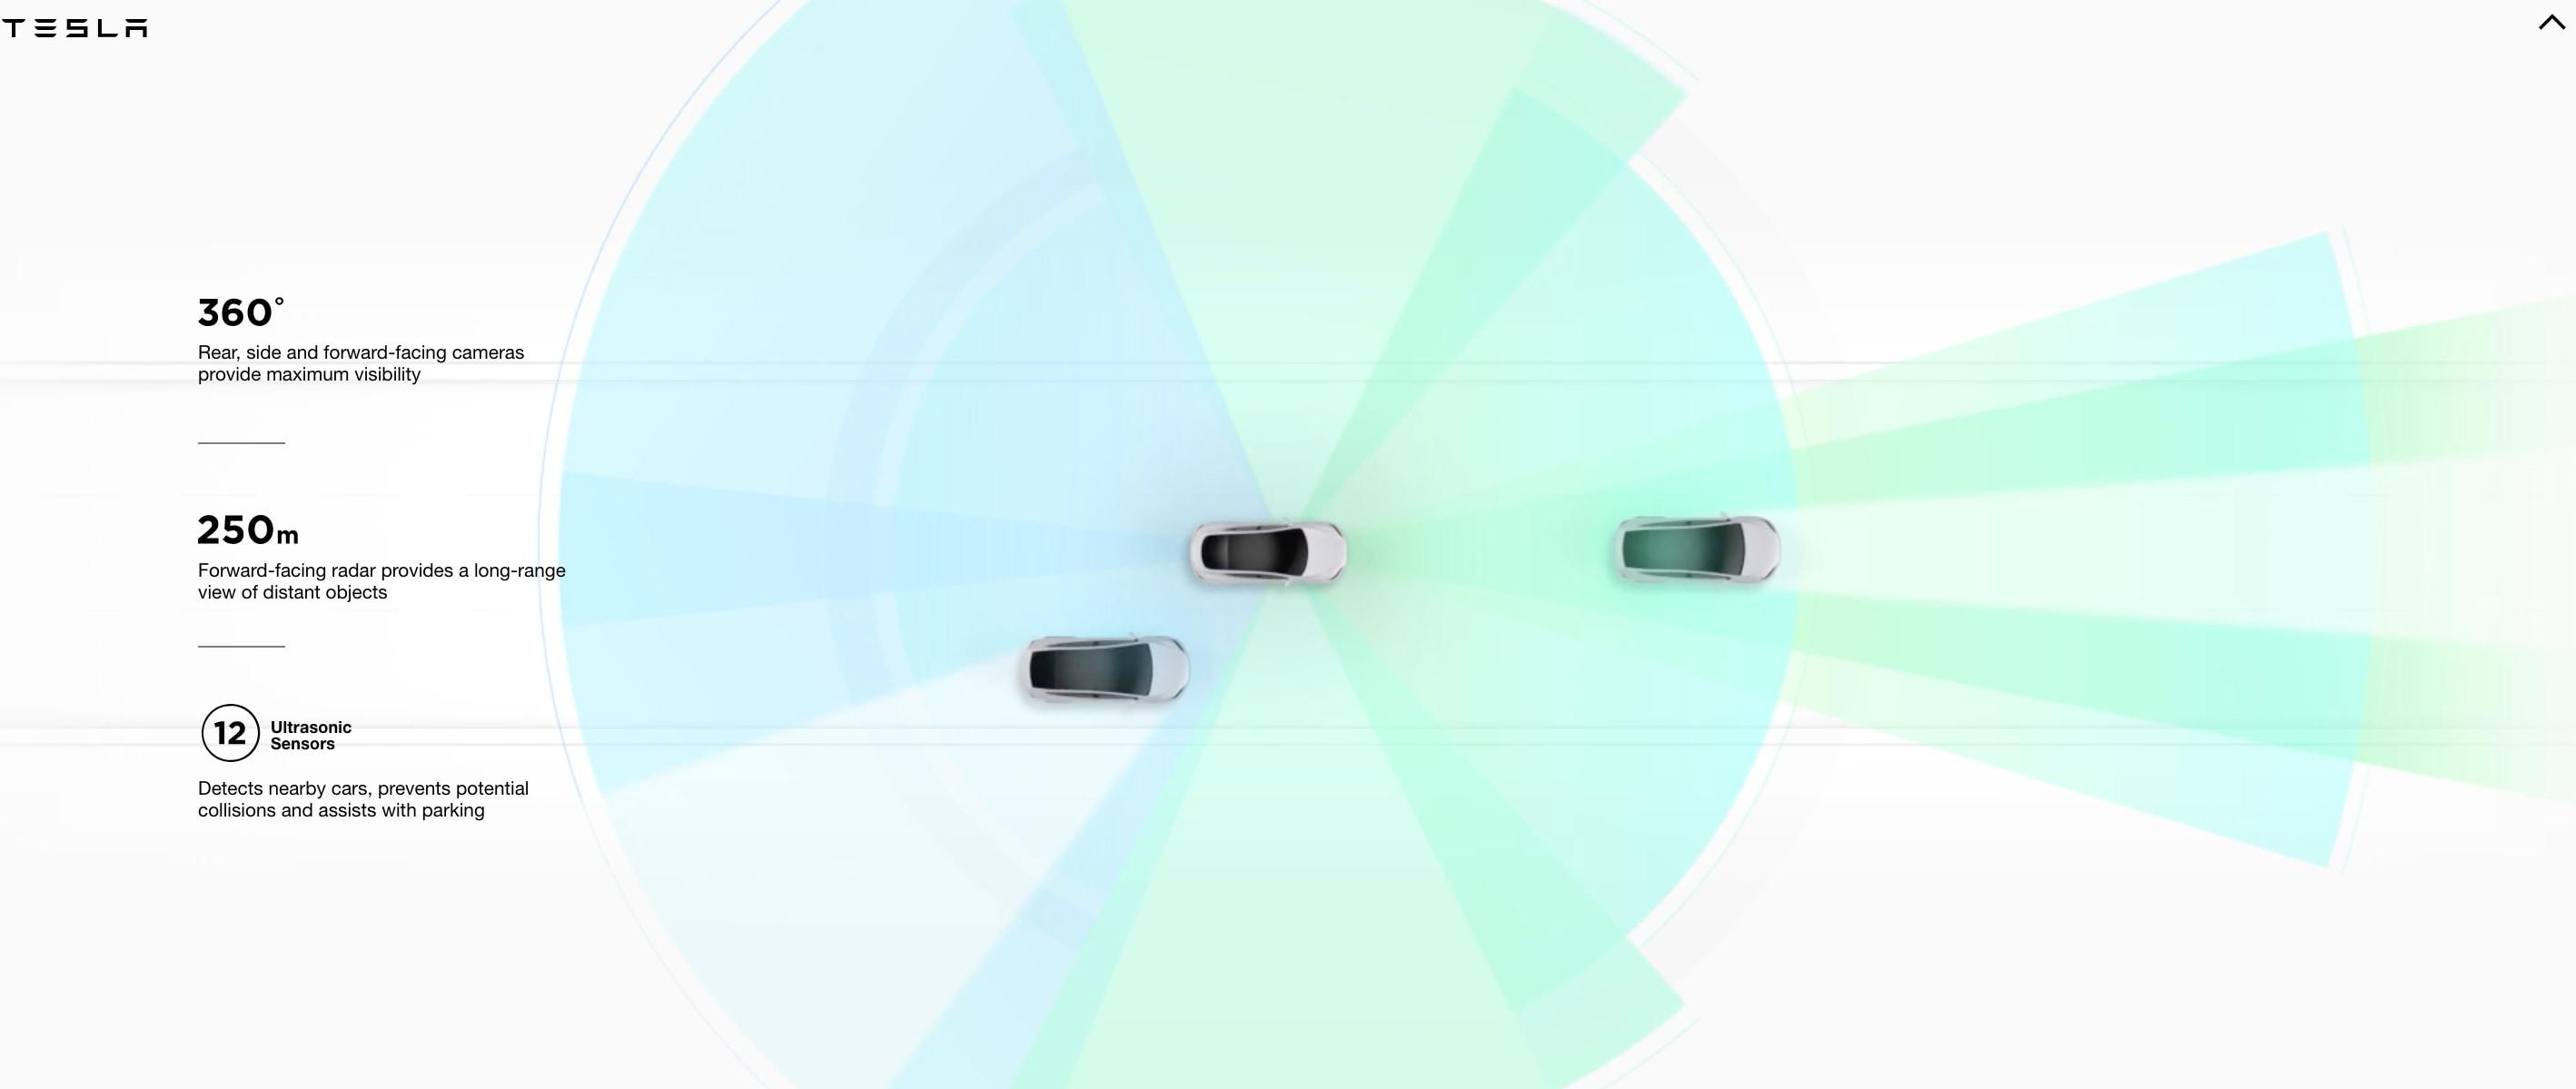 Tesla Vision AI